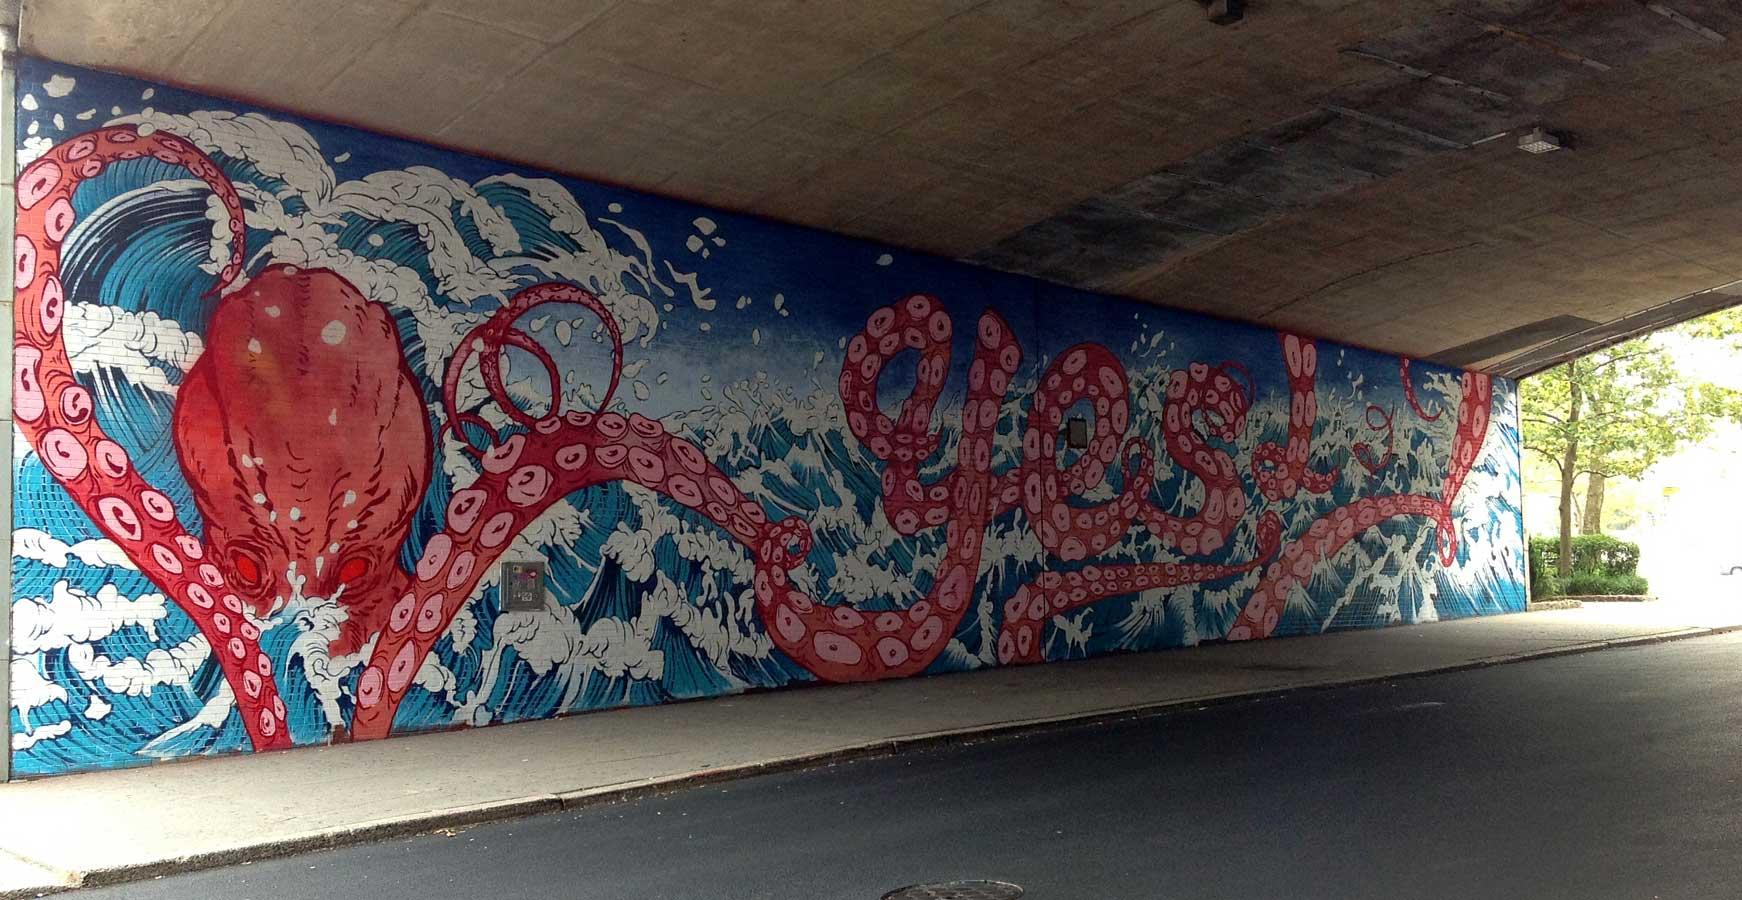 Yuko Shimizu - YES! DUMBO mural x Sagmeister - yuko shimizu stefan sagmeister sagmeister walsh wade jeffree dumbo yes